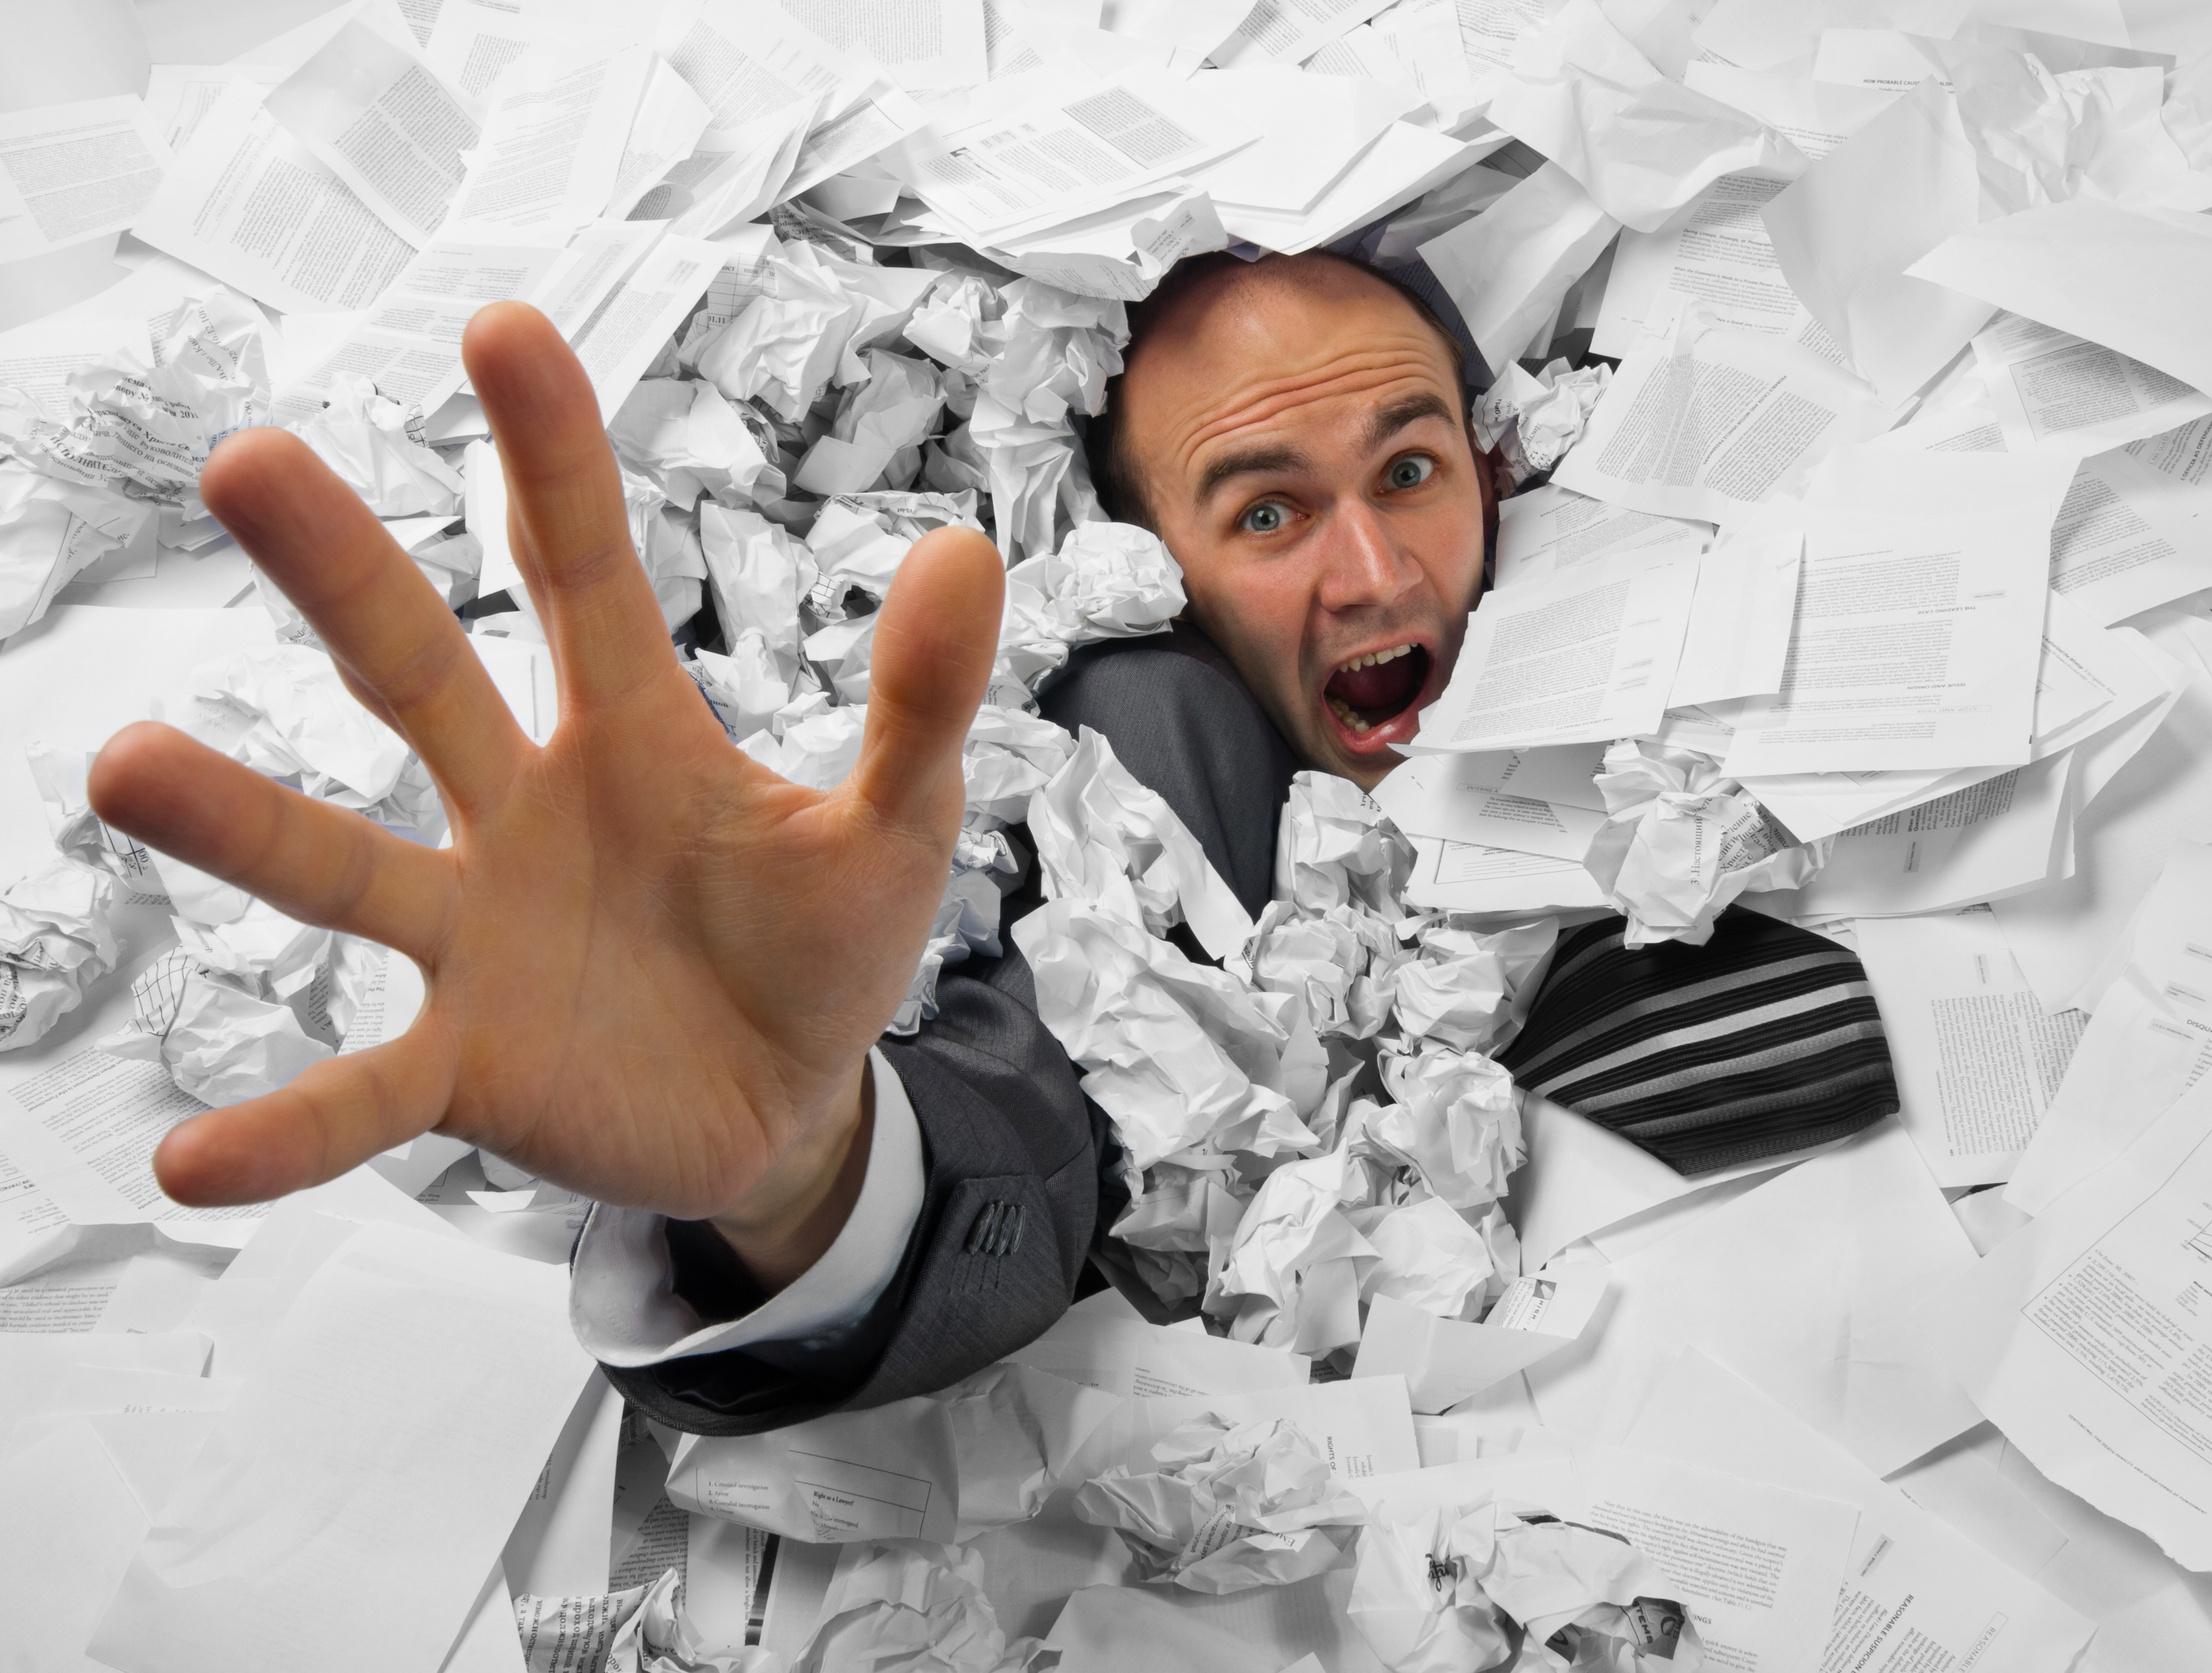 S pravilno uvedbo dokumentnega sistema boste vašemu poslovanju prinesli vejo učinkovitost in konkurenčnost ob hkratnem znižanju stroškov.